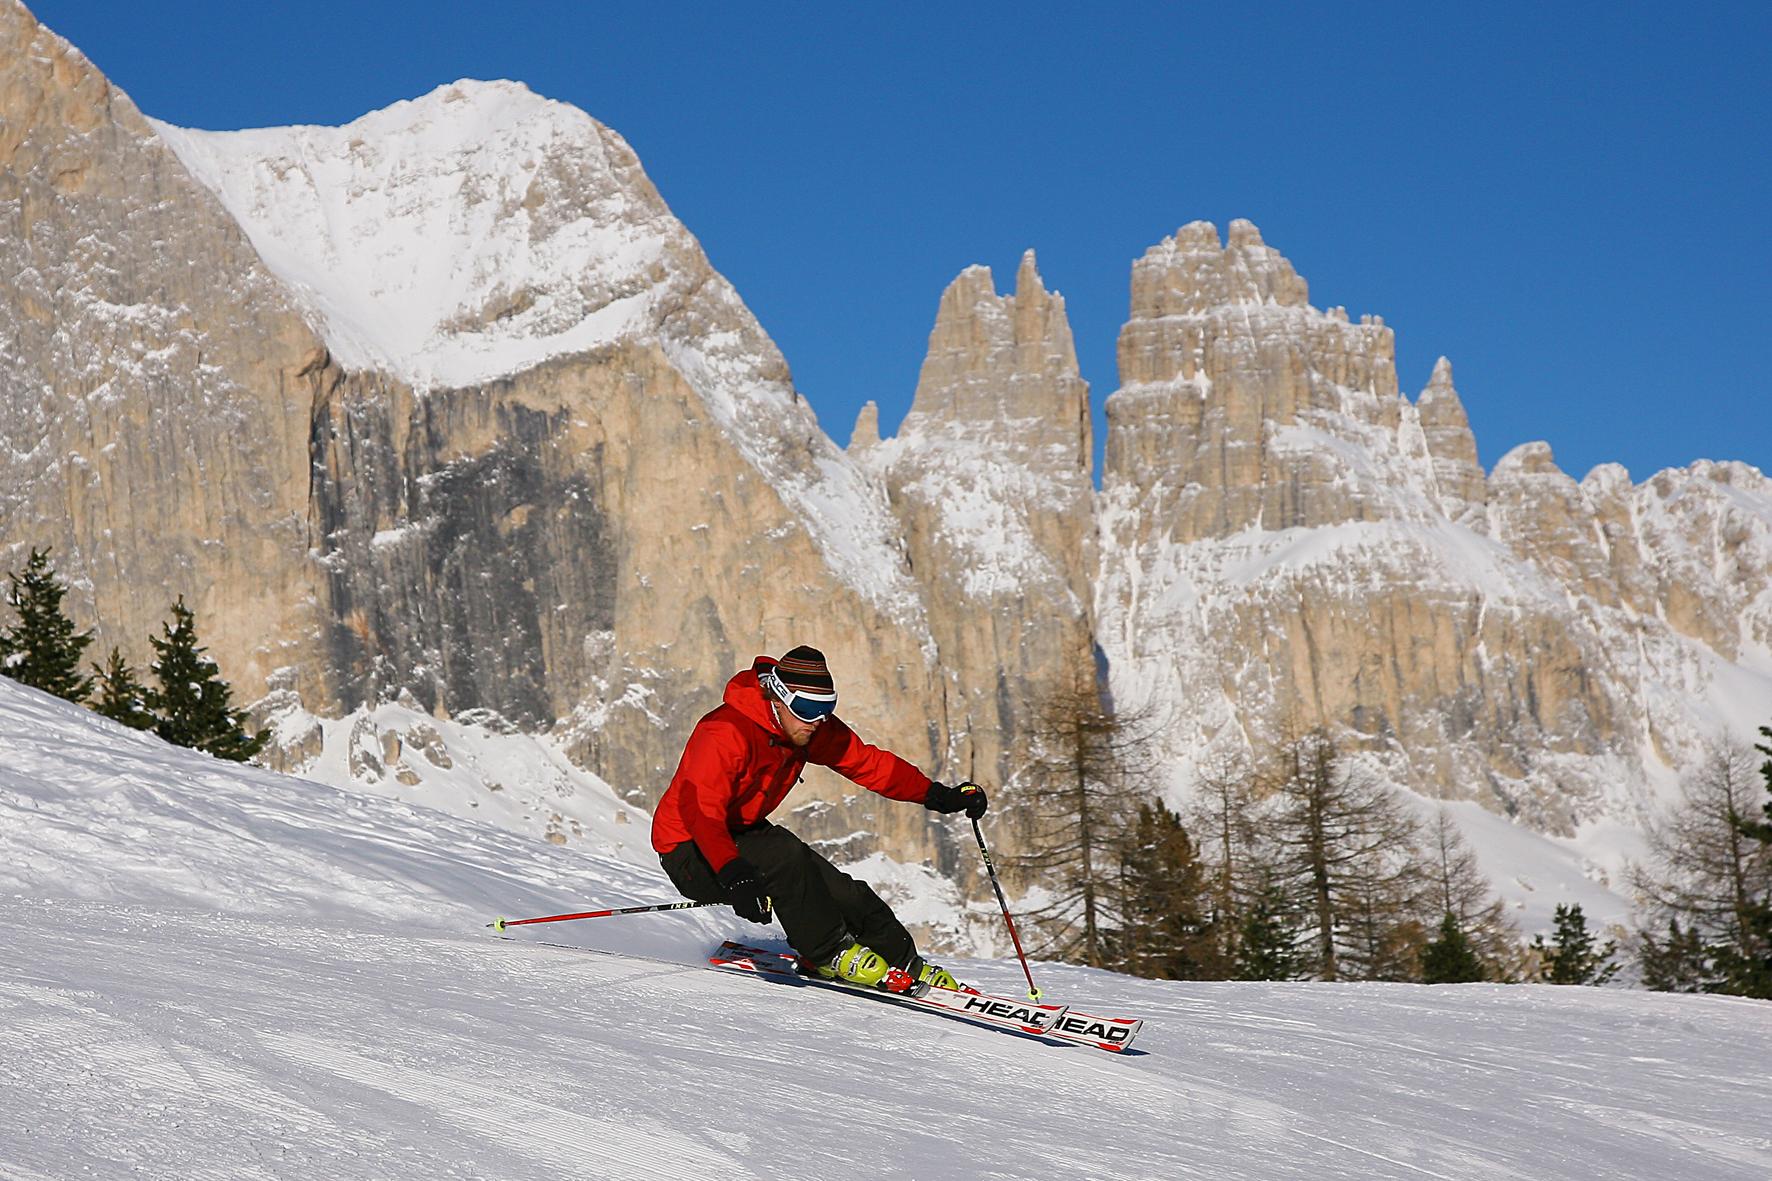 Ab auf die Piste: Dolomiti Superski startet in die Wintersaison